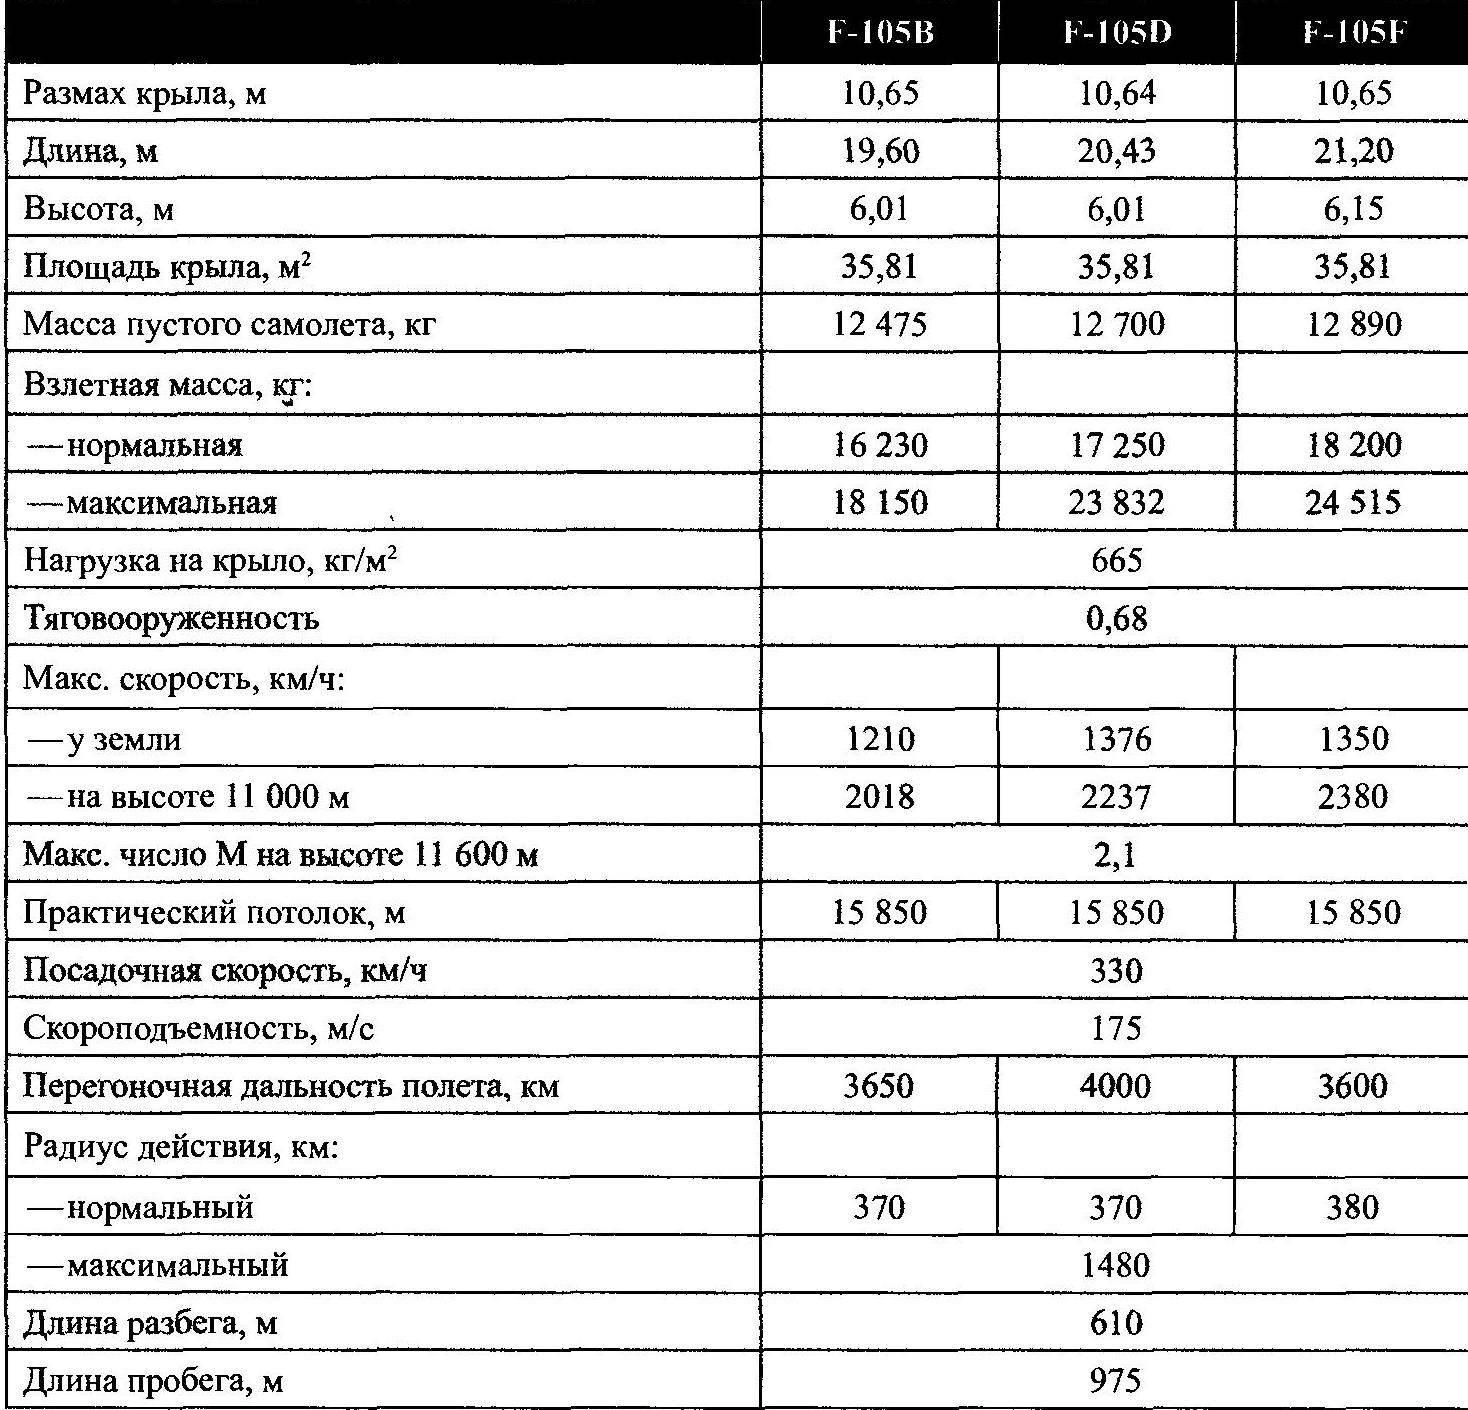 ЛЕТНО-ТЕХНИЧЕСКИЕ ХАРАКТЕРИСТИКИ САМОЛЕТОВ F-105 ОСНОВНЫХ МОДИФИКАЦИЙ